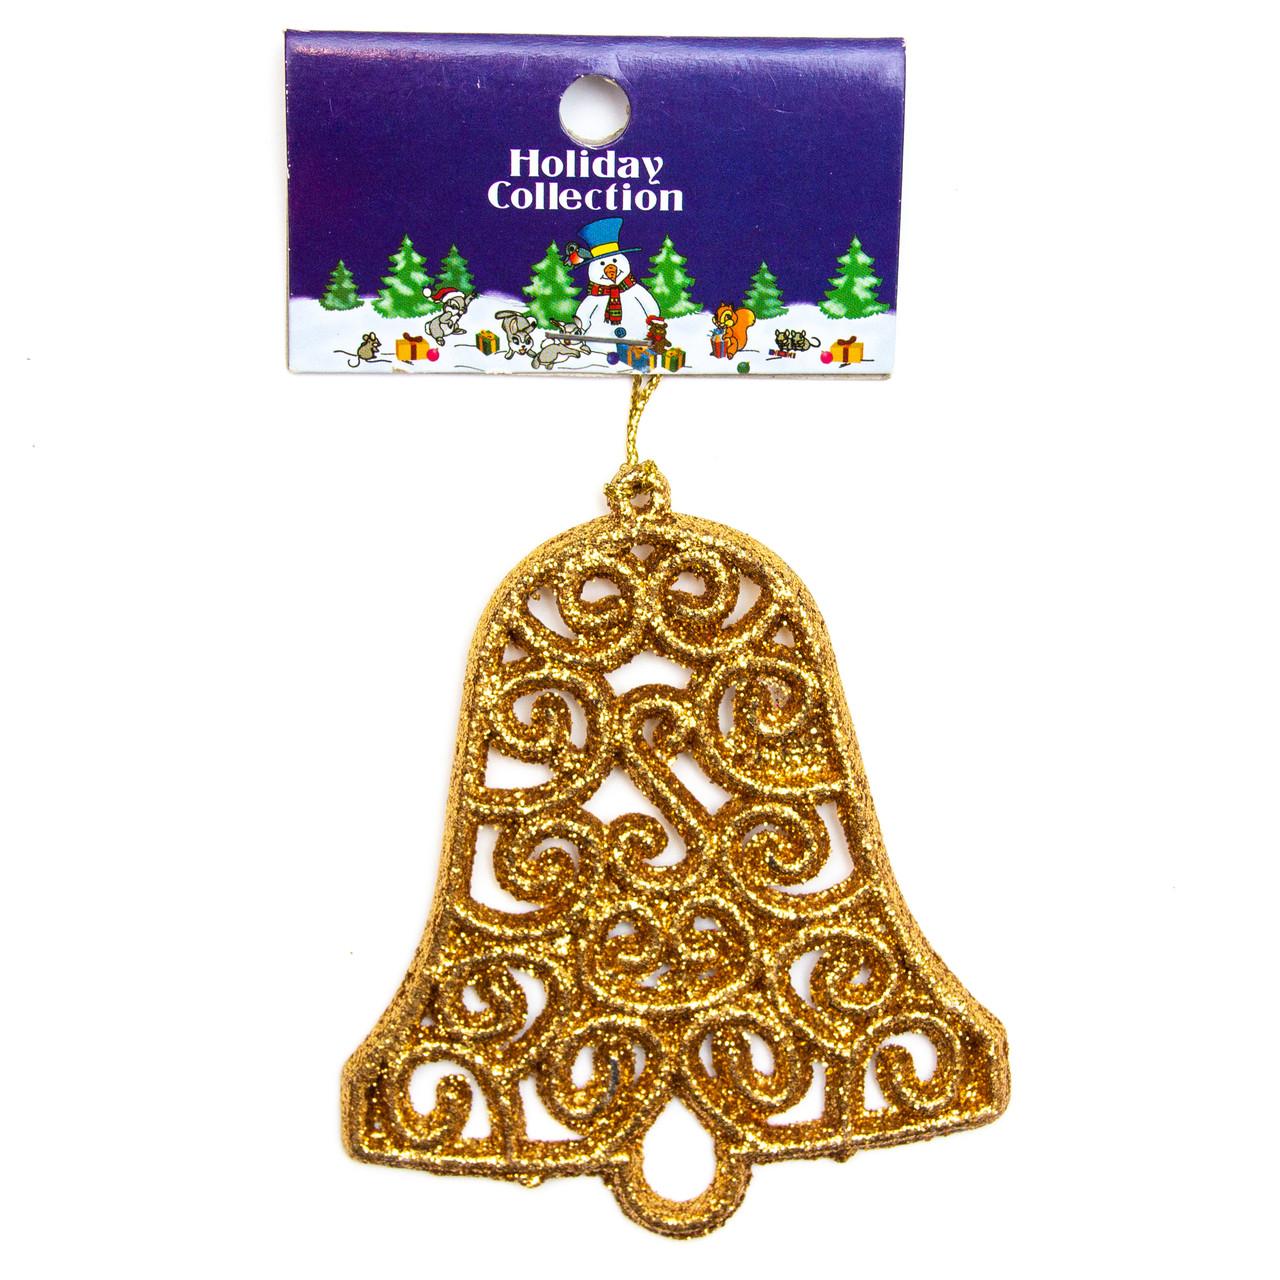 Елочная игрушка - золотой колокольчик, 10см (000678-6)